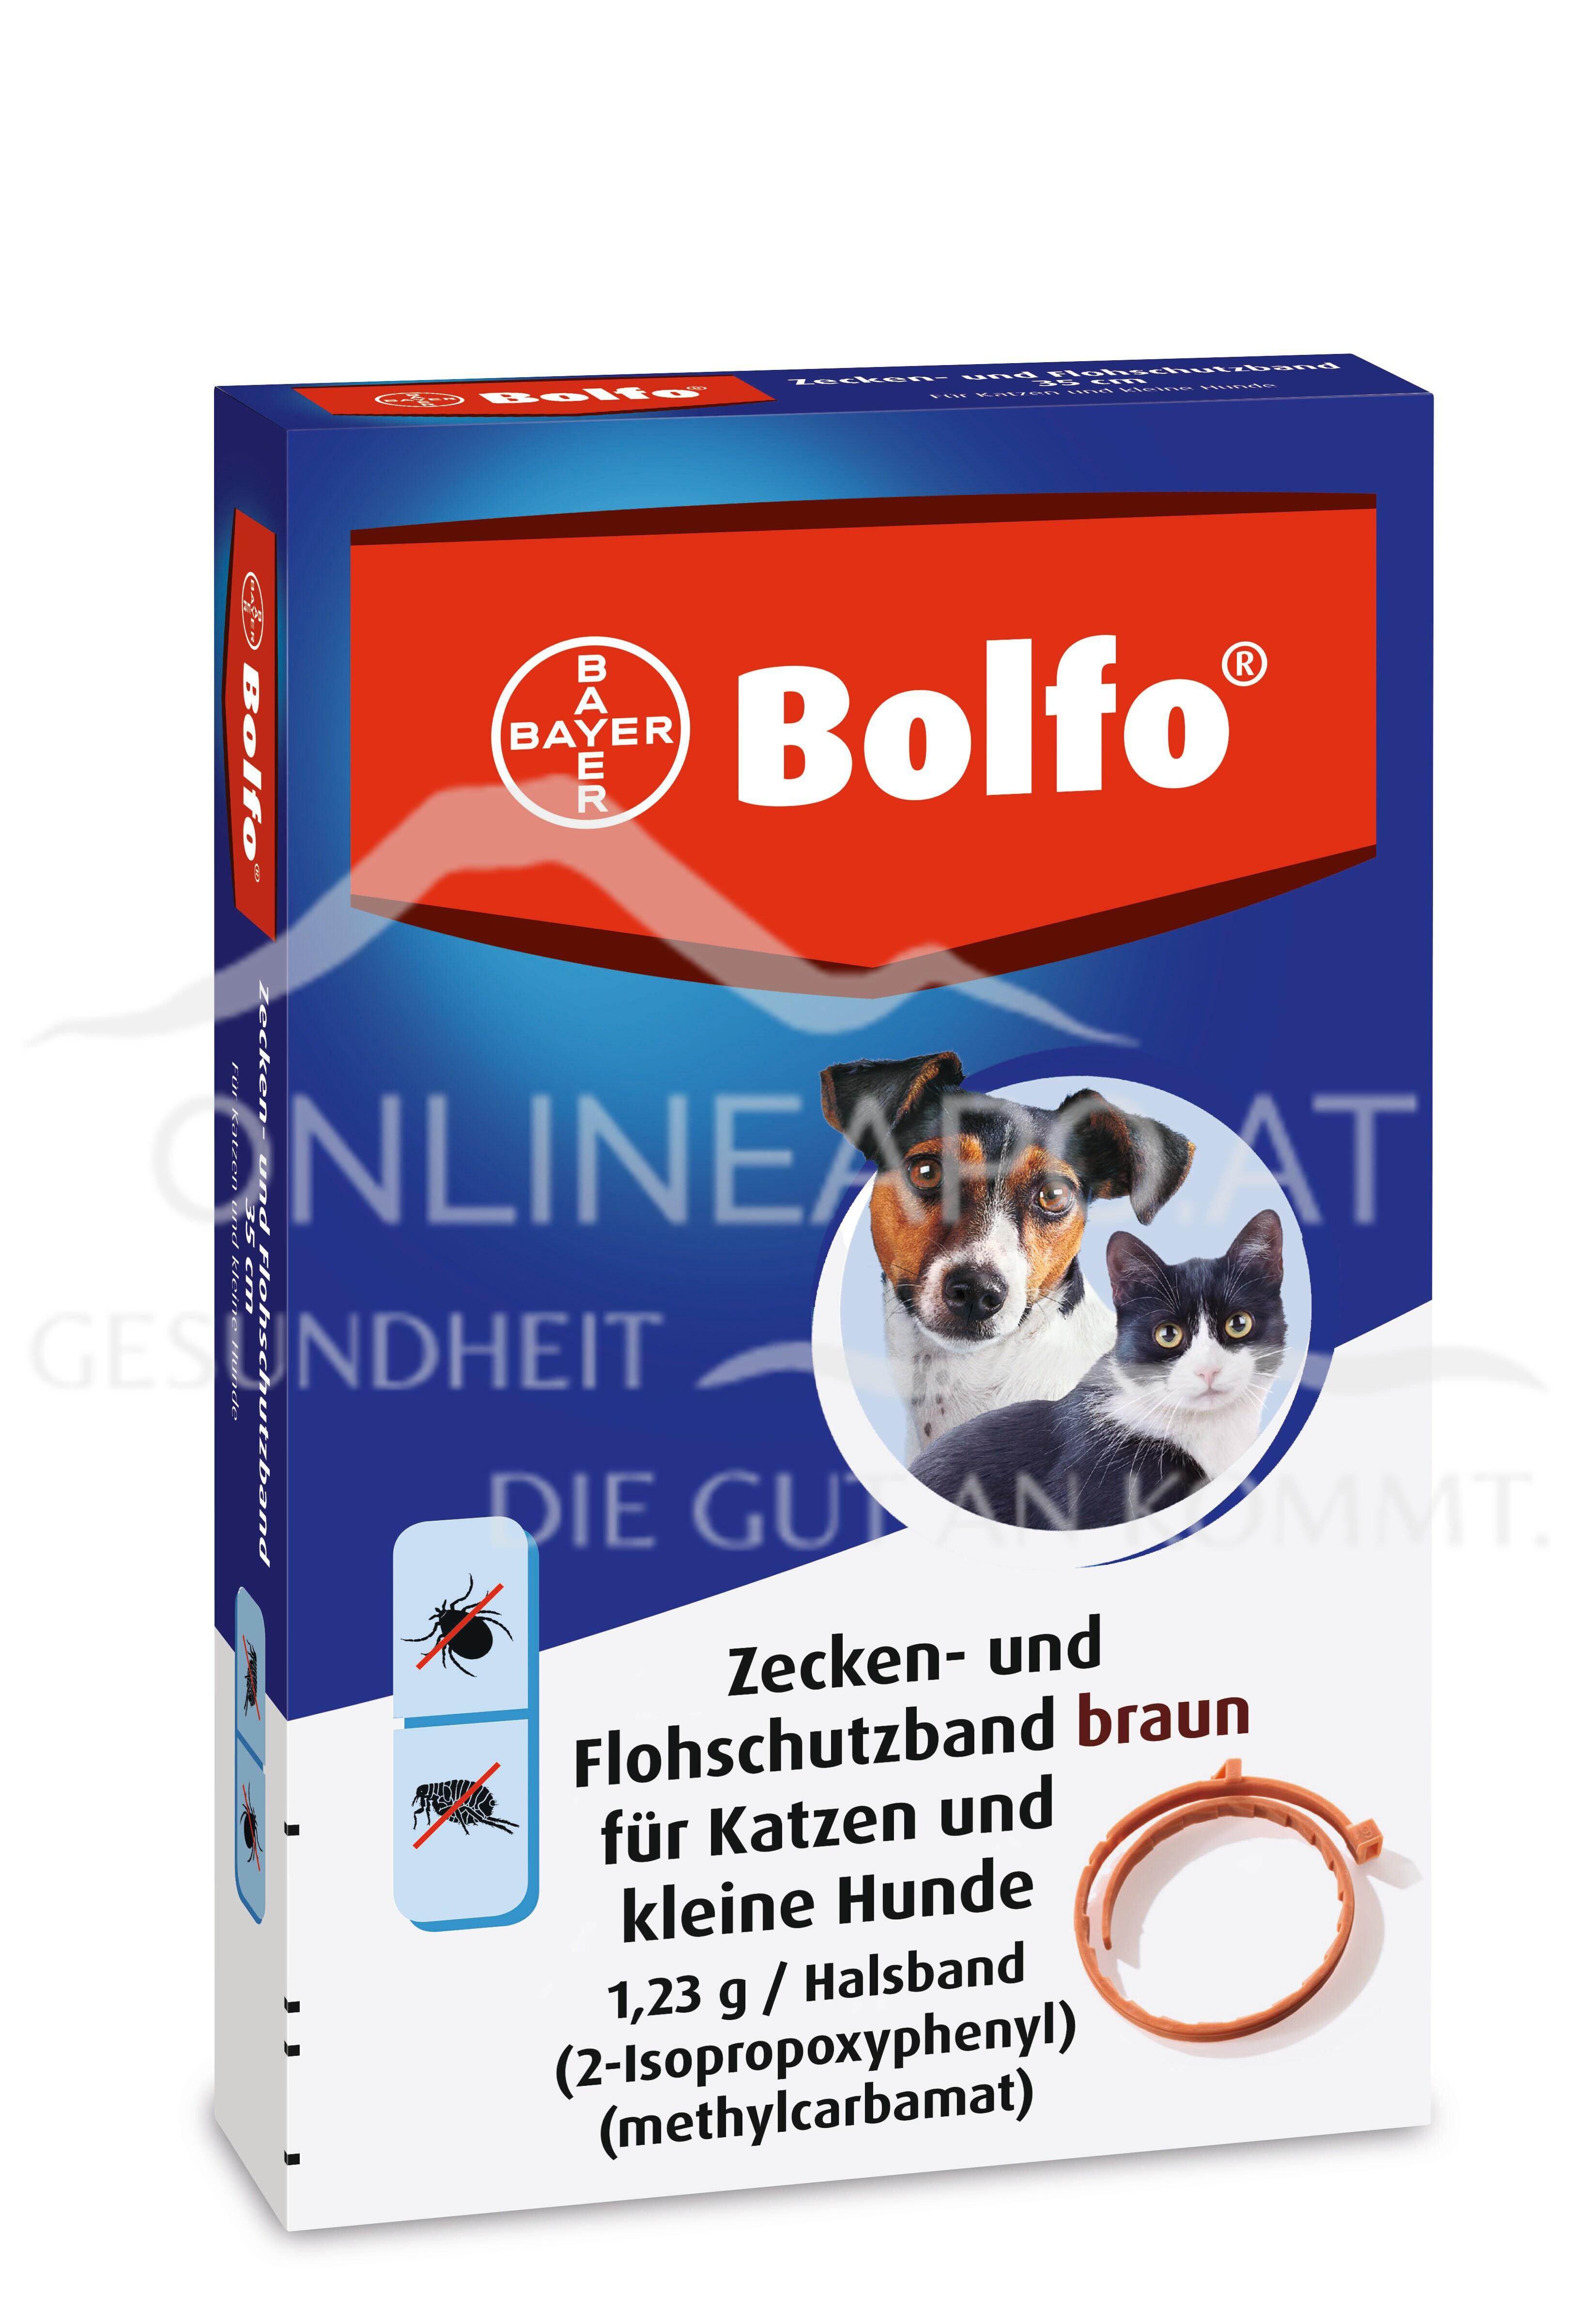 Bolfo® das Zecken- und Flohschutzband für kleine Hunde und Katzen